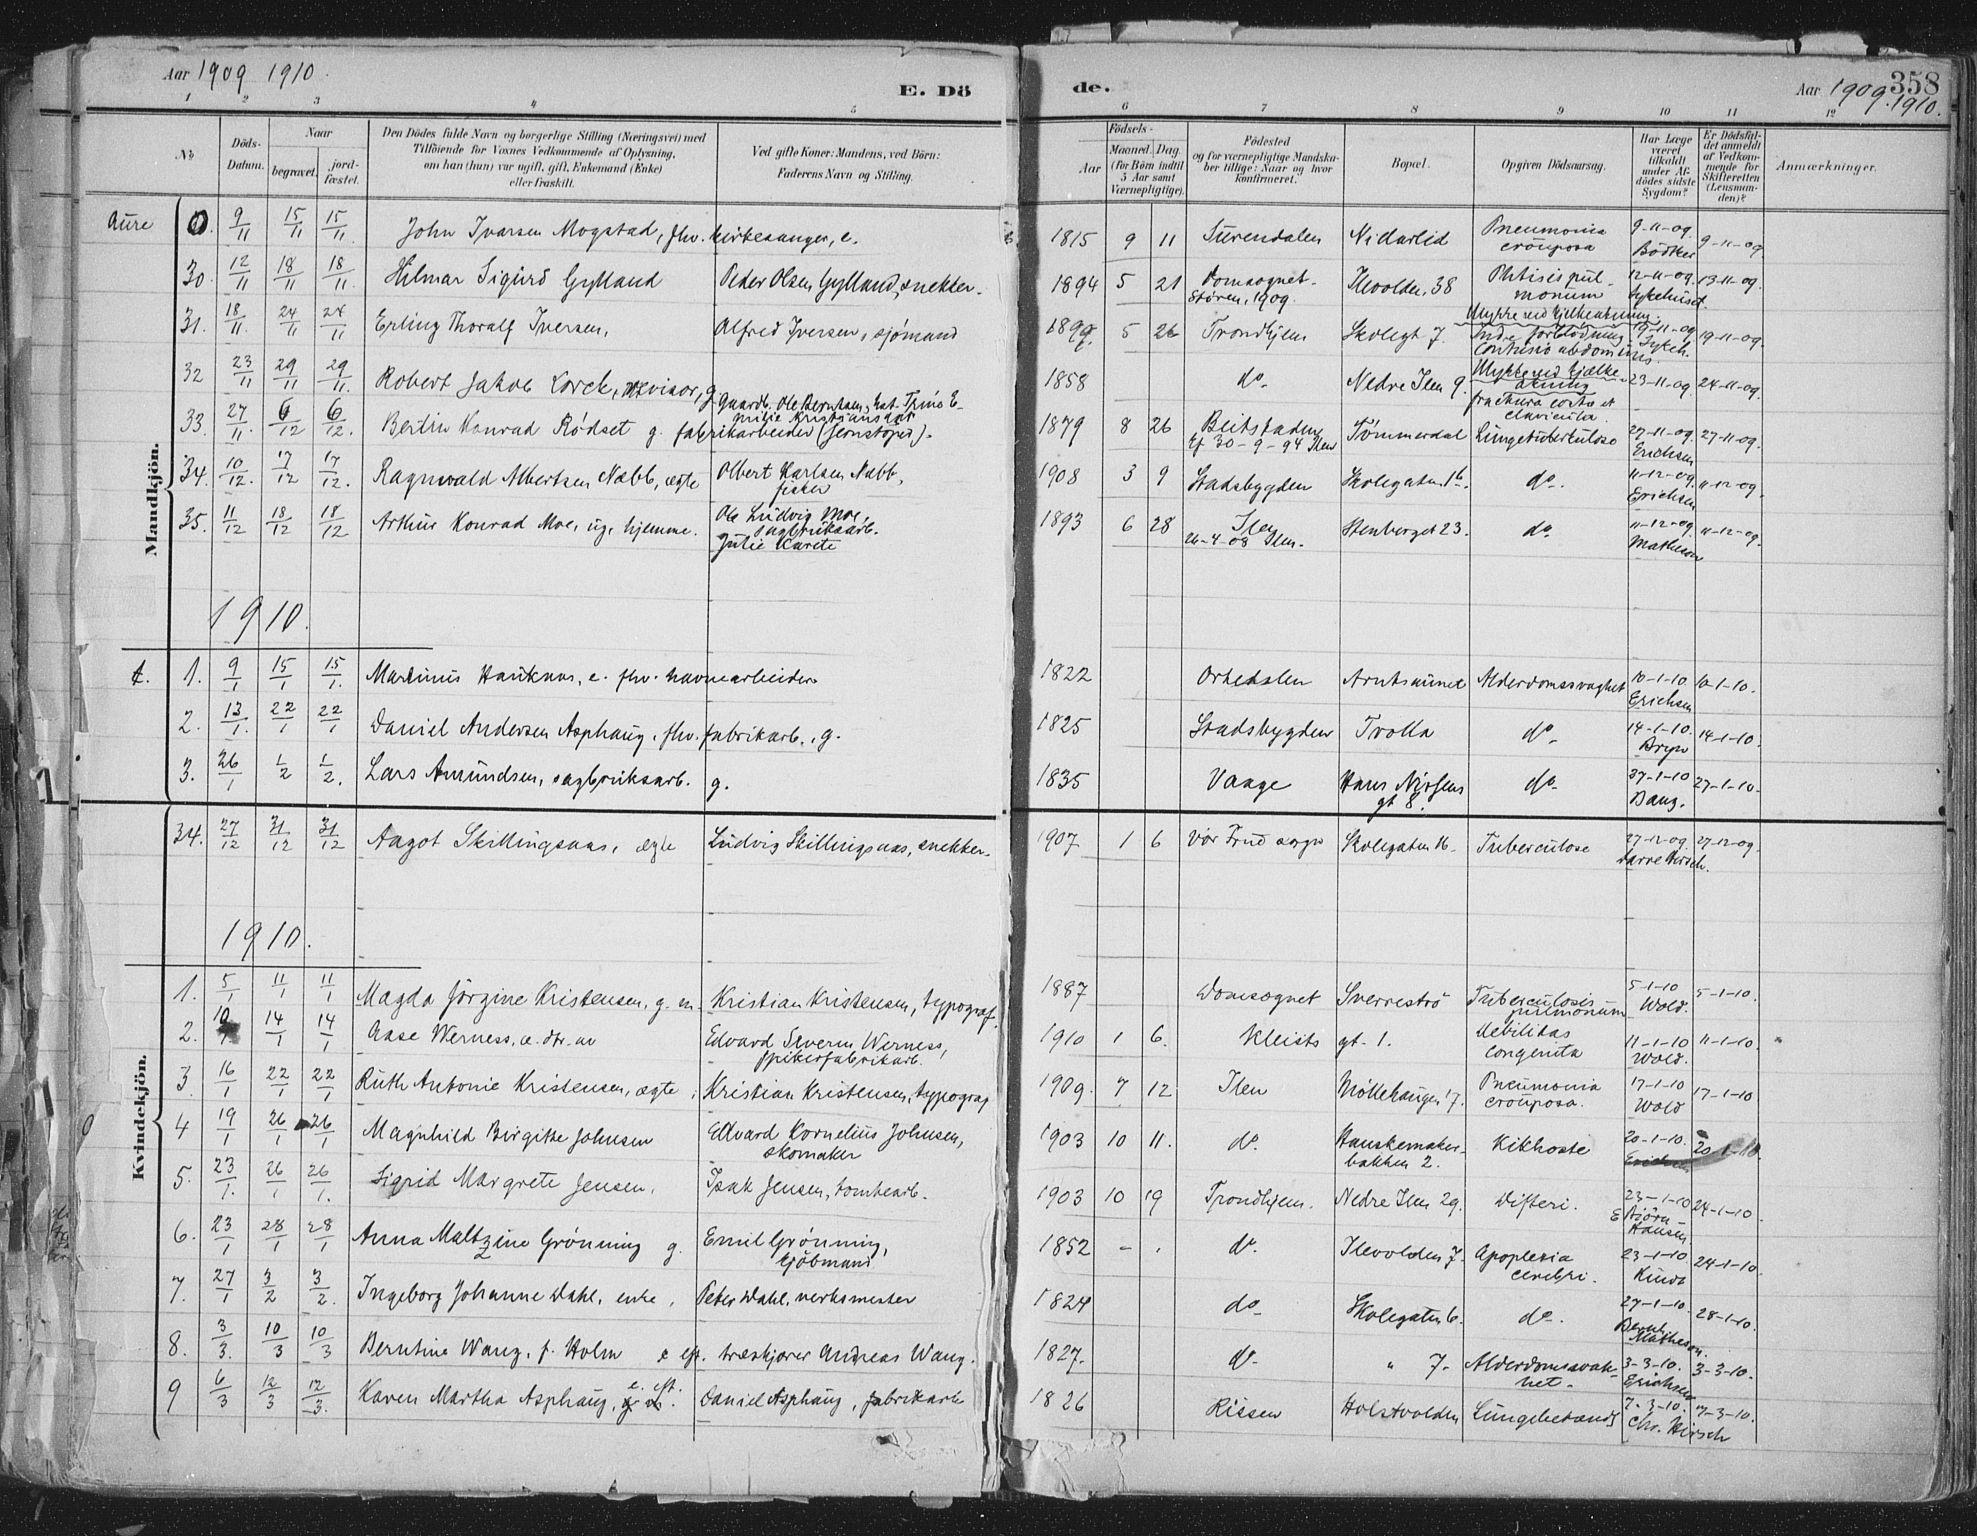 SAT, Ministerialprotokoller, klokkerbøker og fødselsregistre - Sør-Trøndelag, 603/L0167: Ministerialbok nr. 603A06, 1896-1932, s. 358